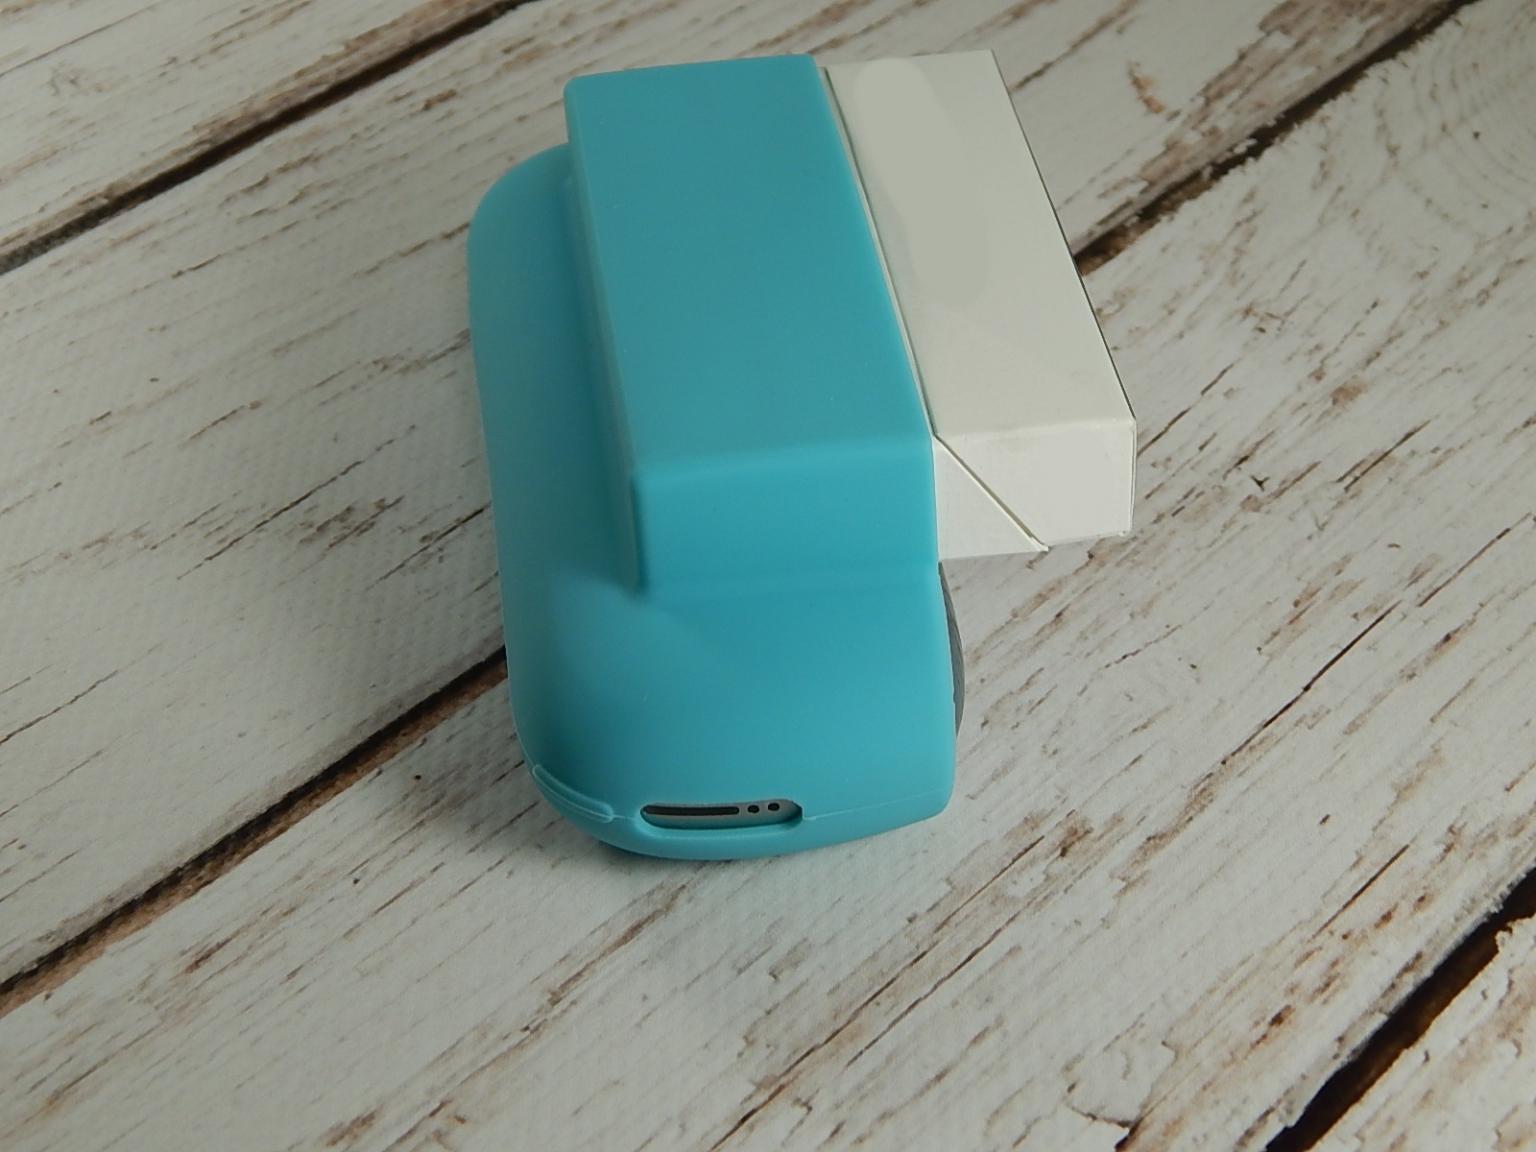 Силиконовый чехол на пачку сигарет купить перечень табачных изделий образец